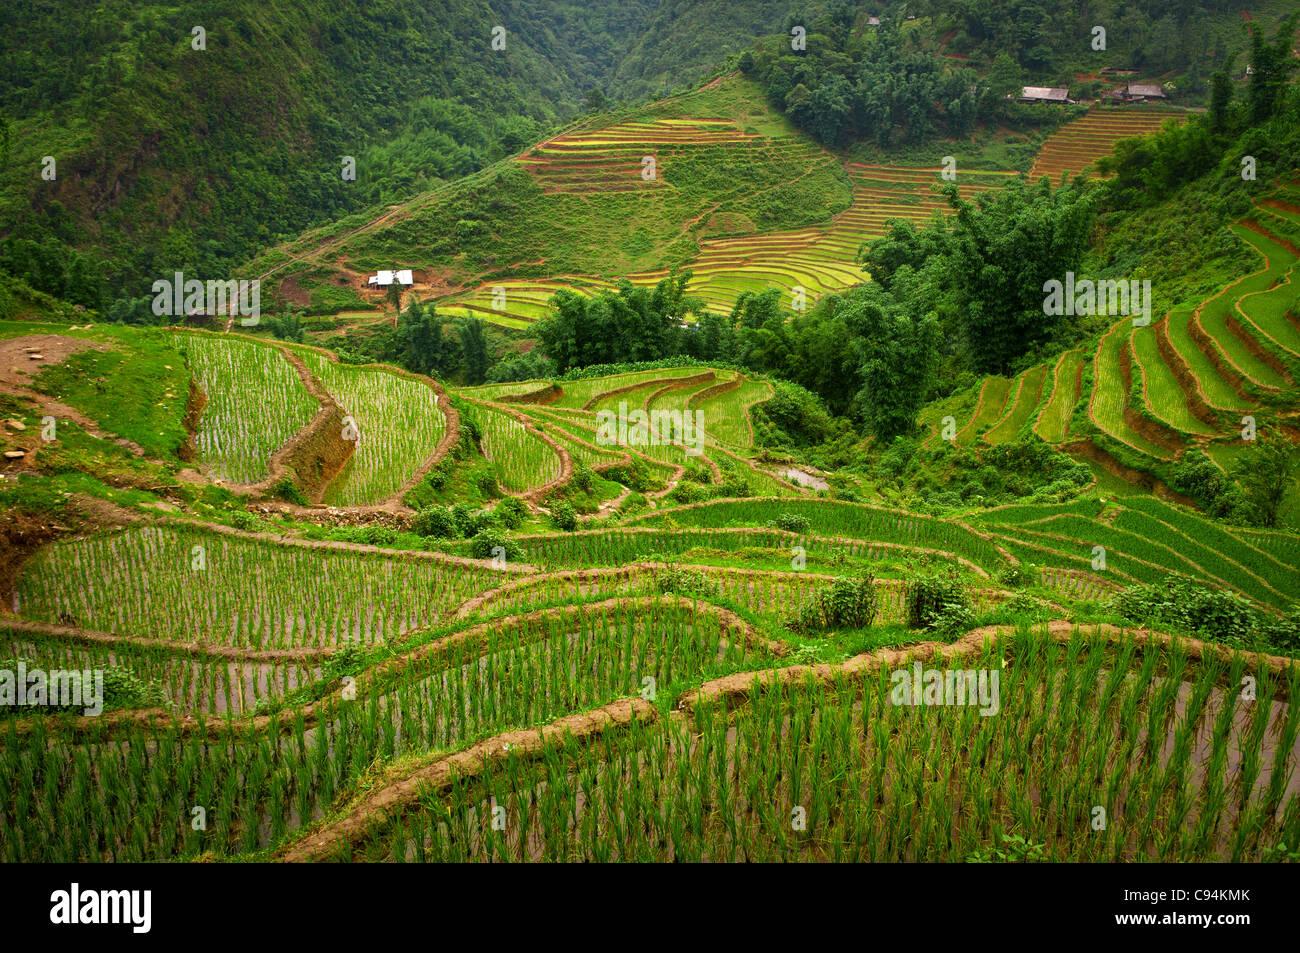 Sapa valley, Vietnam - Stock Image